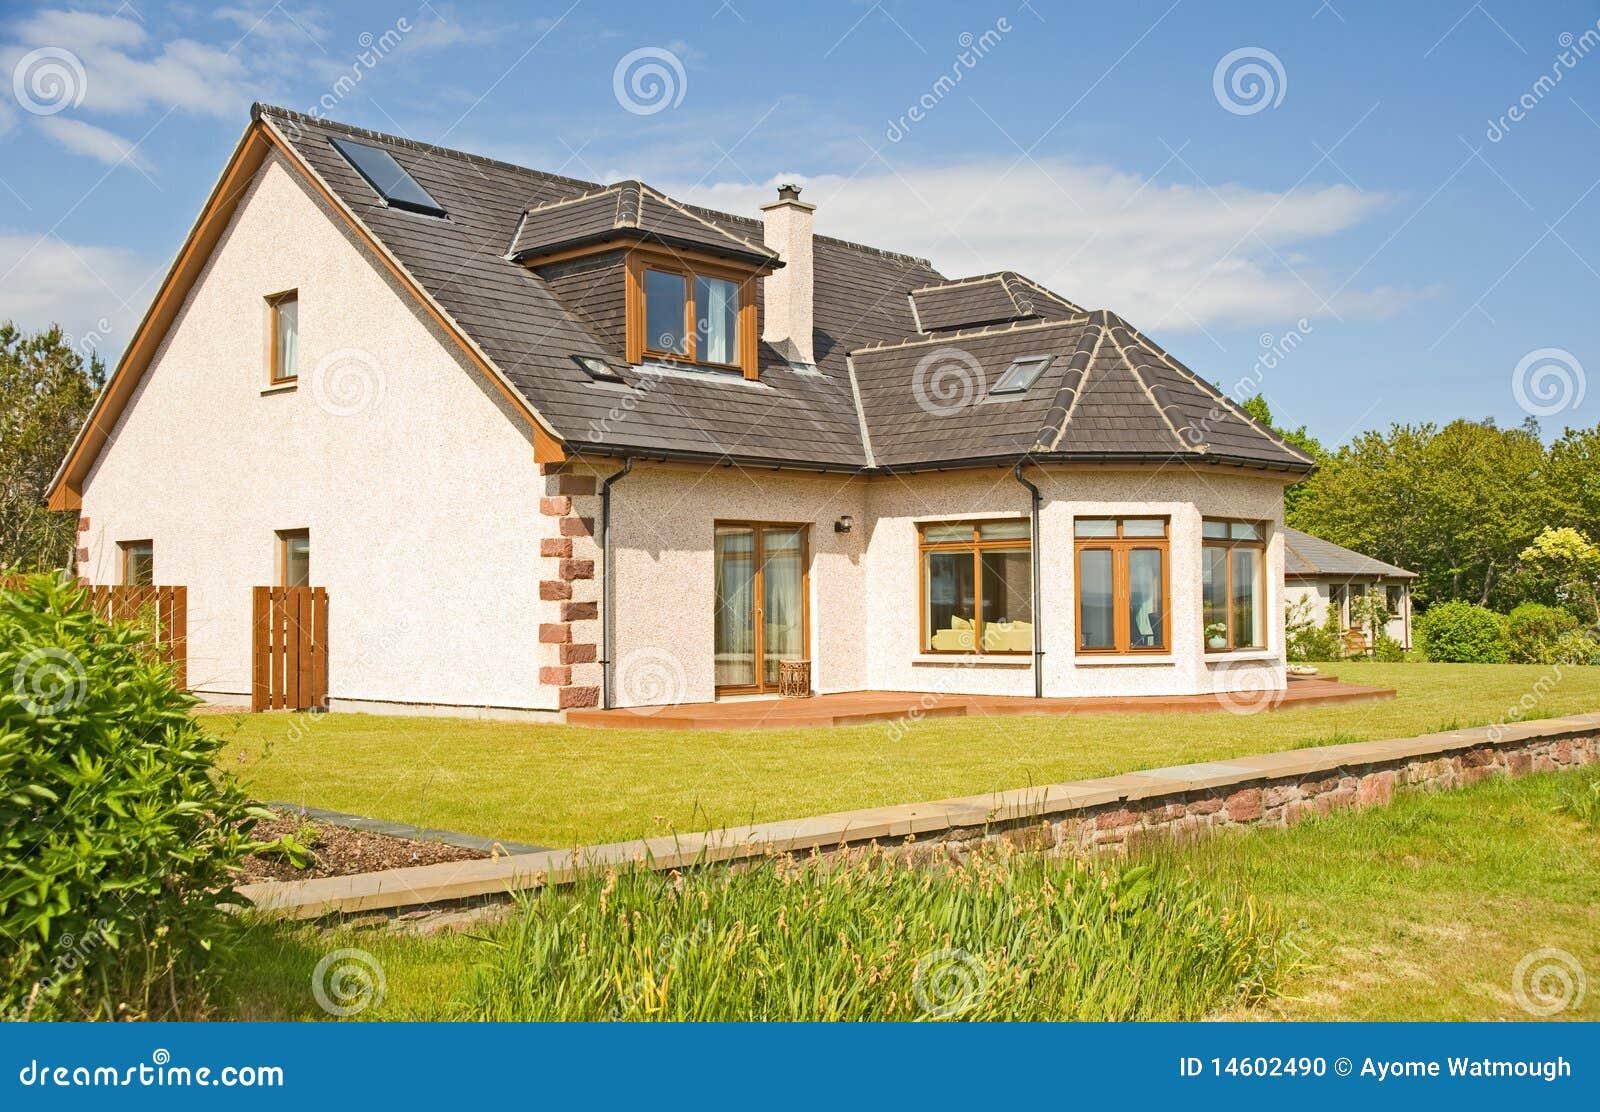 Modernes haus mit kamin und garten stockfoto bild 14602490 for Modernes haus garten